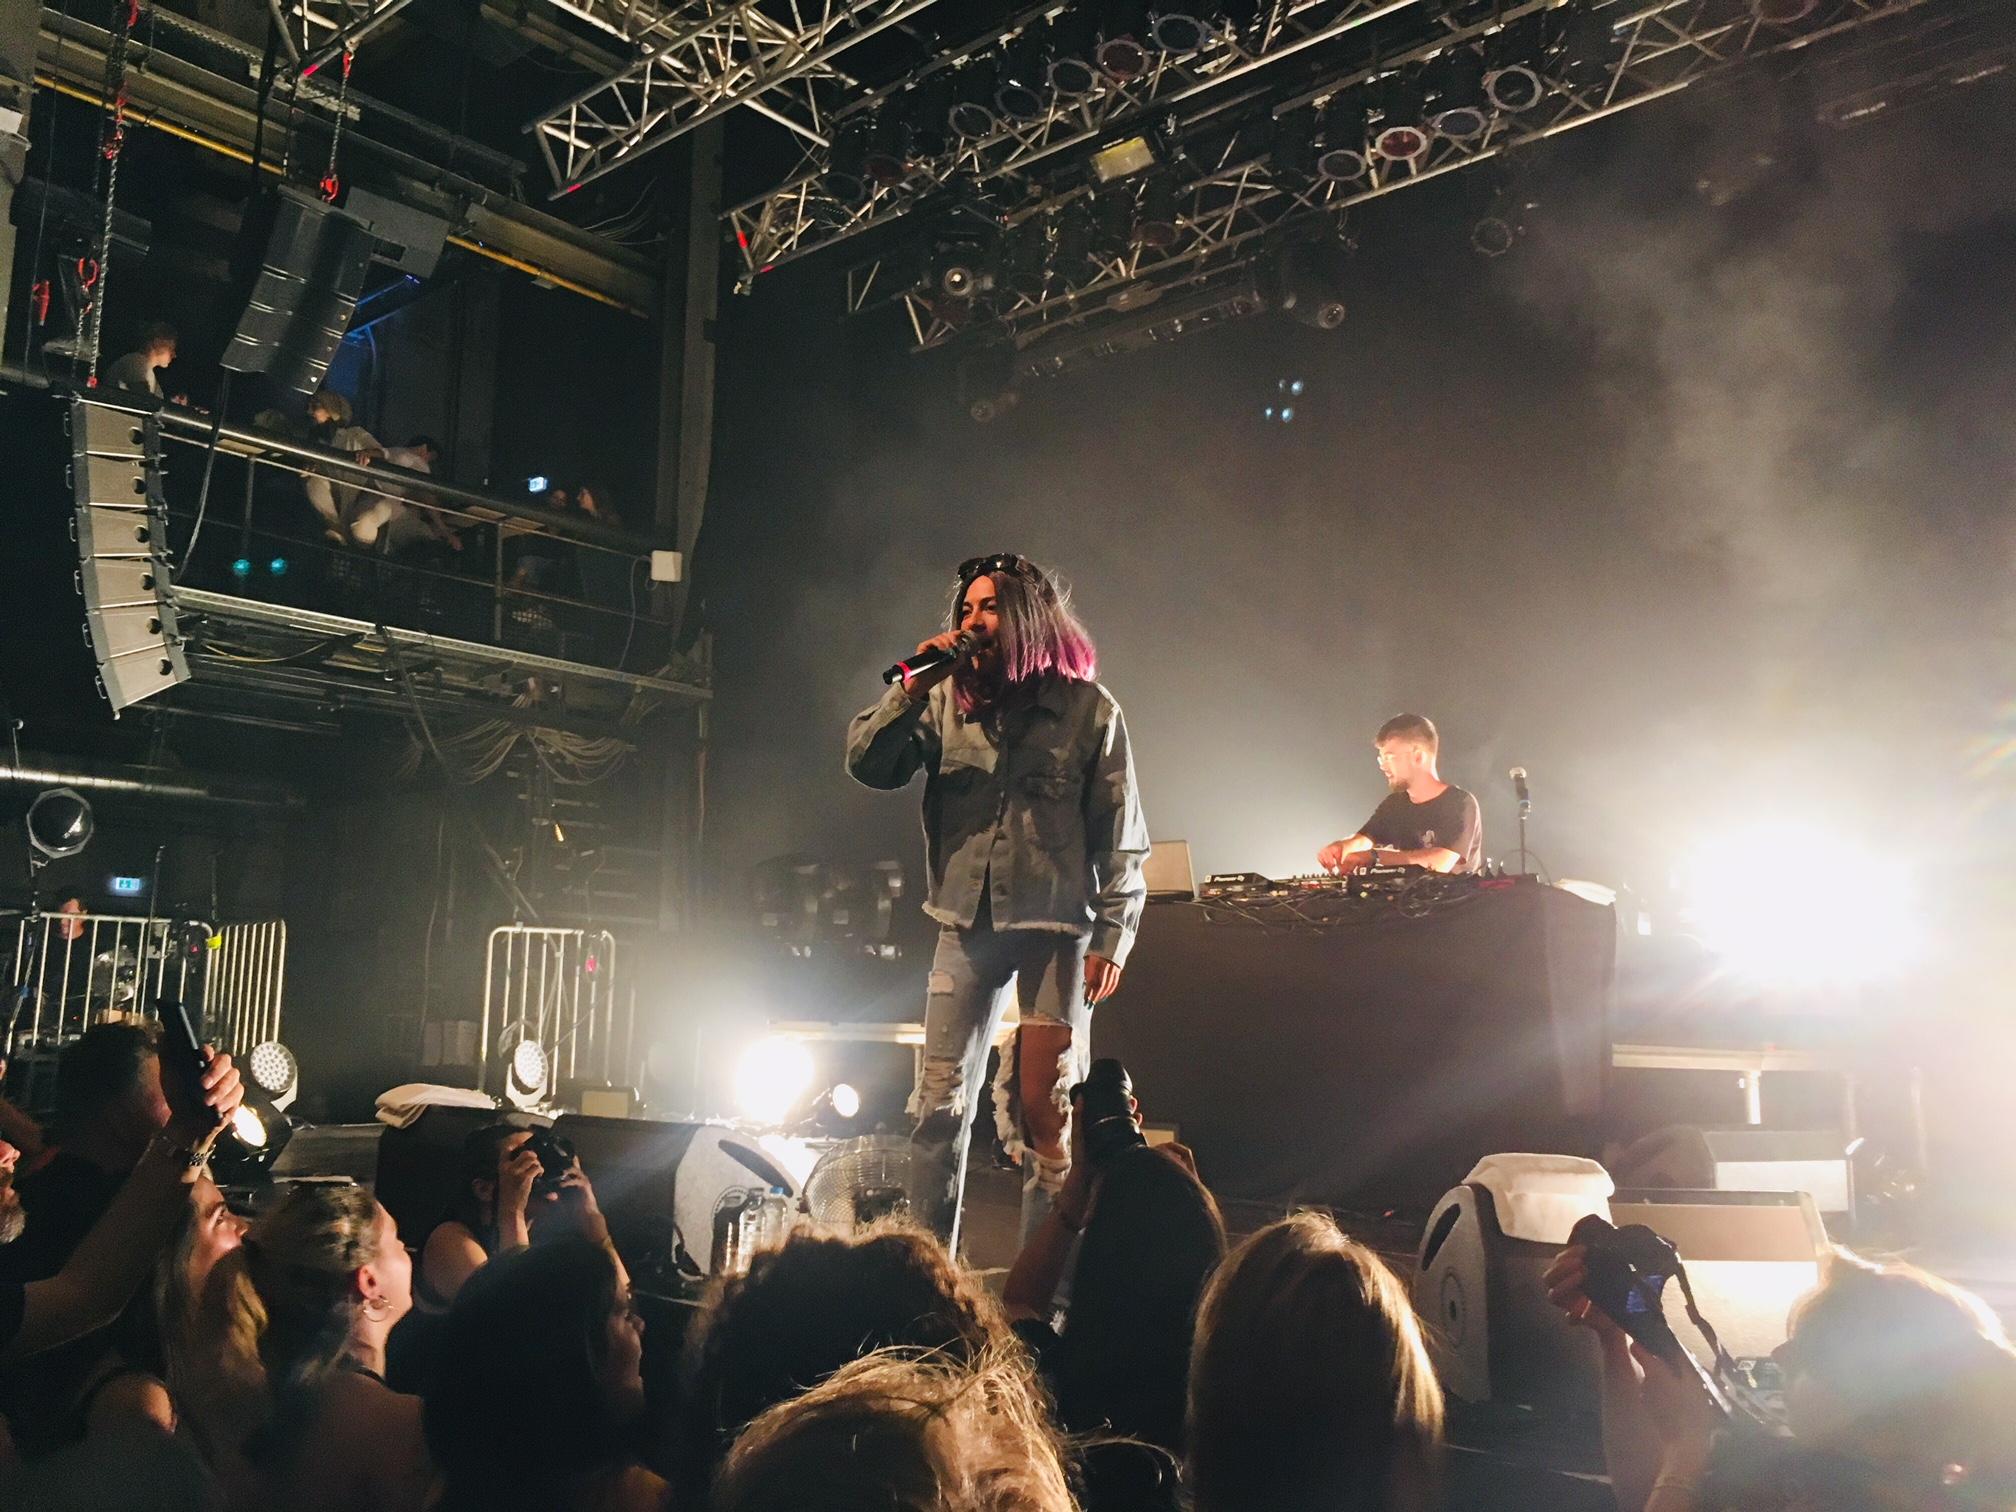 Haiyti trat am Freitag im Kesselhaus bei der Pop-Kultur 2018 in Berlin auf.